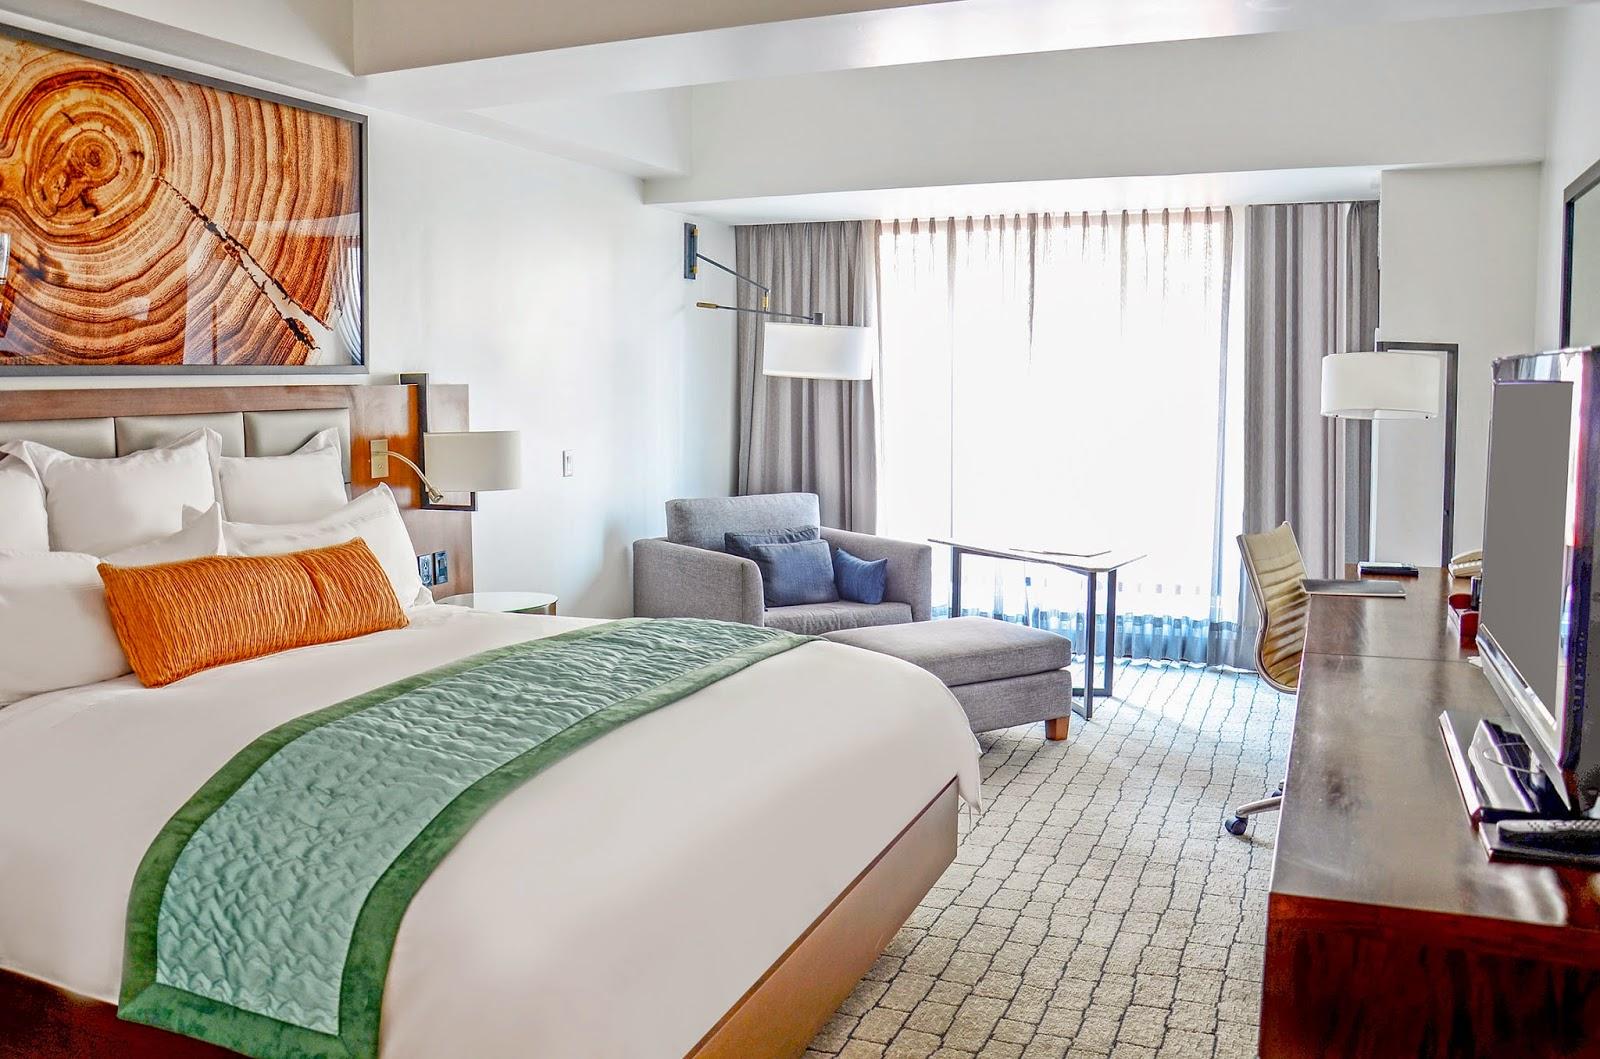 Resultado de imagen para hotel intercontinental guatemala.